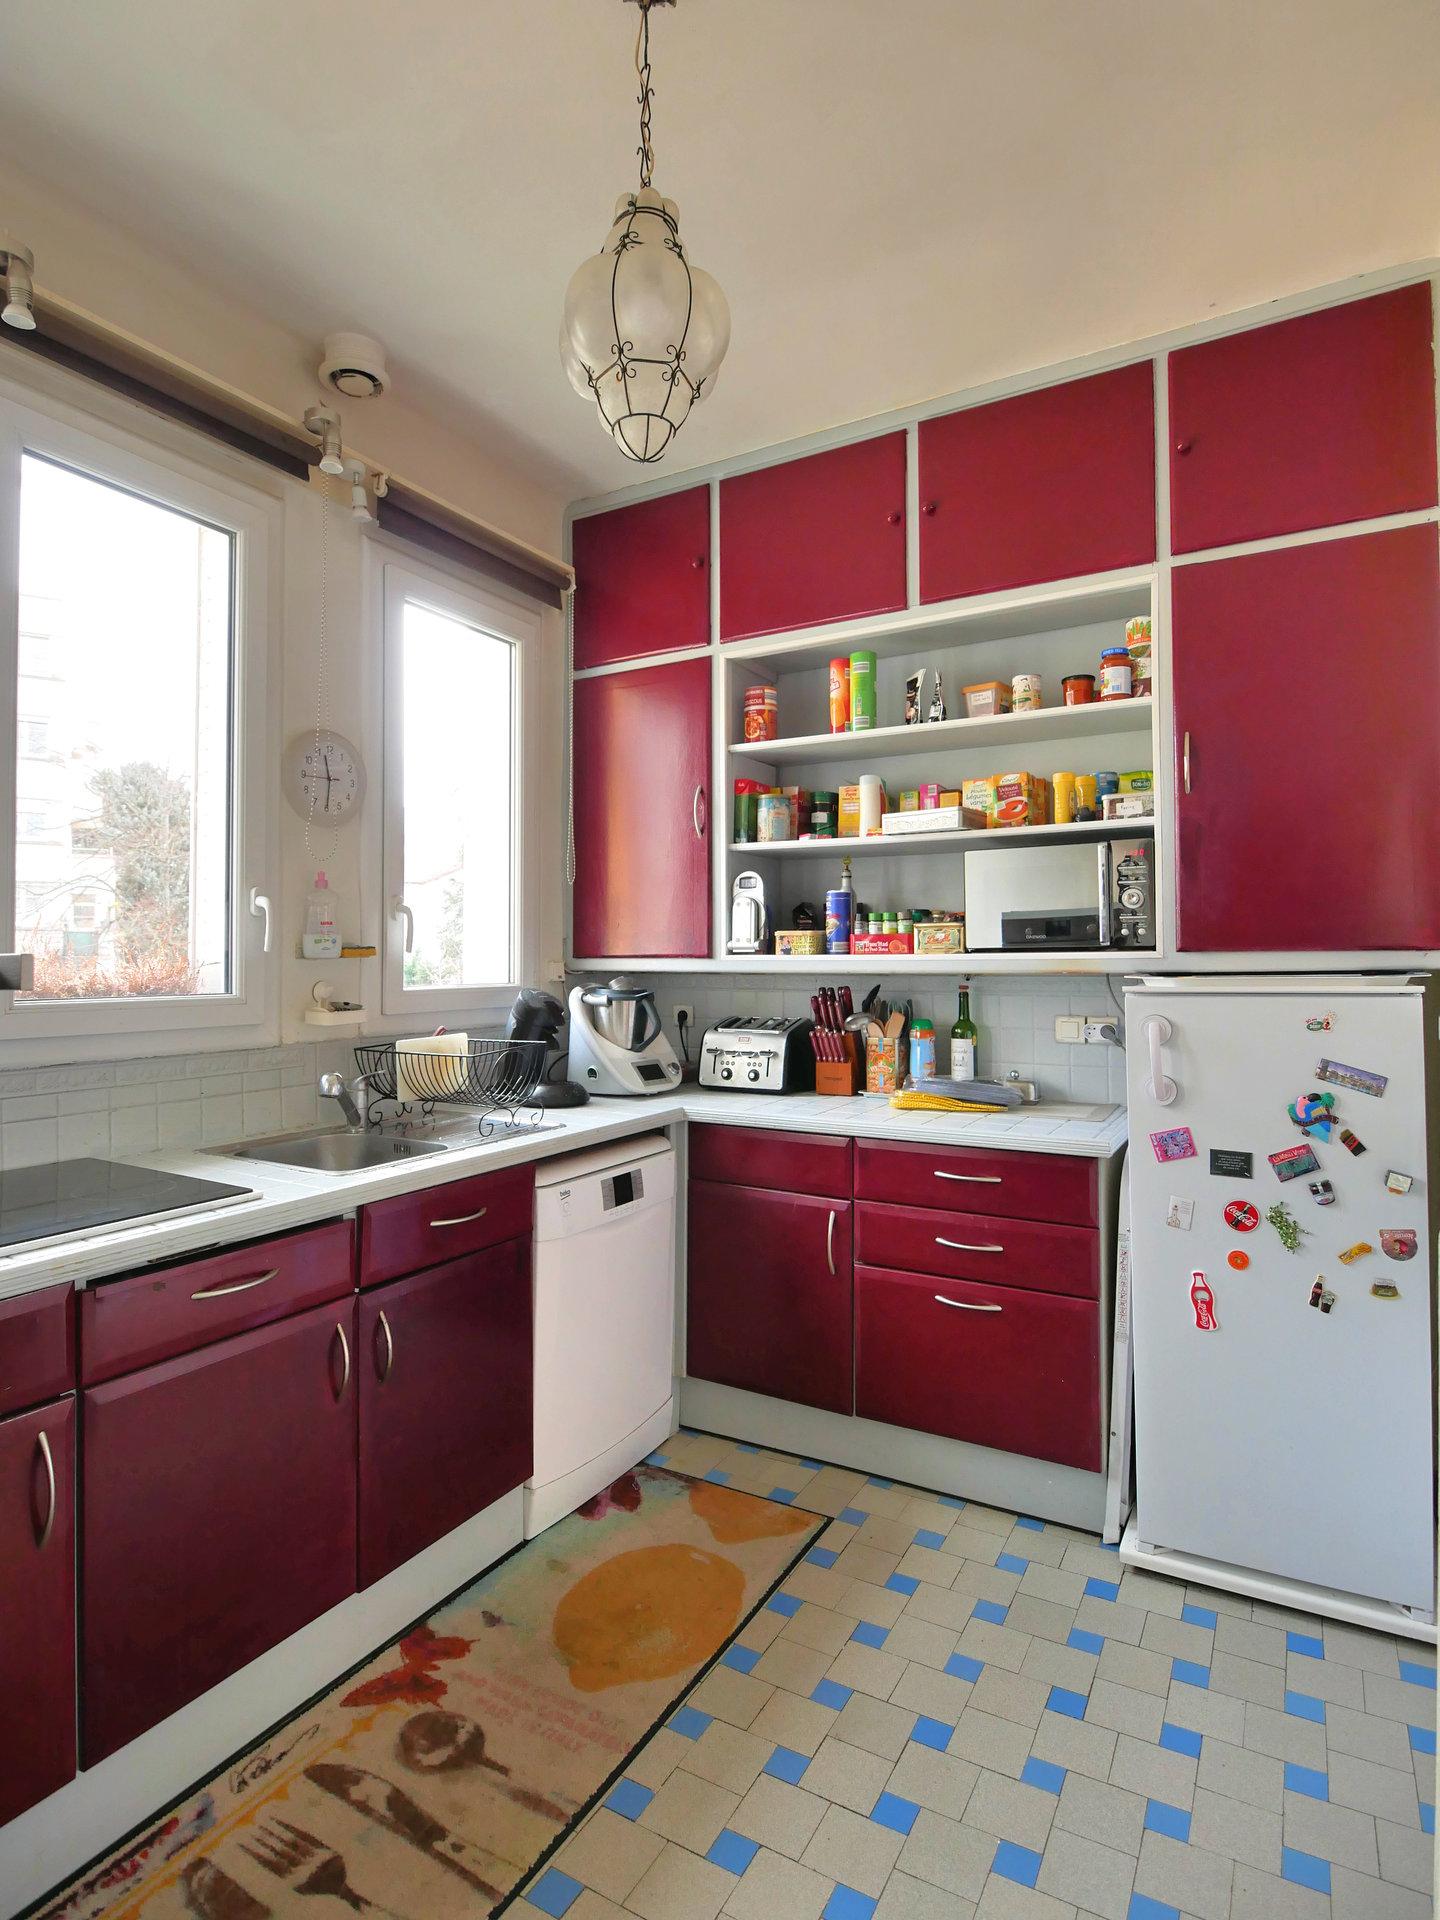 En Exclusivité, découvrez cette maison typique des années 1930, située dans le secteur privilégié de Notre Dame. A proximité immédiate des écoles, des commerces et du centre-ville, elle est à deux pas du Vallon des Rigolettes. D'une surface de 130 m² environ, elle comprend une entrée, un salon avec cheminée, ouvert sur la terrasse plein Sud, un séjour familial, une cuisine indépendante avec espace repas, deux chambres, un bureau, une salle d'eau et un toilette. Le sous-sol comprend une chambre, un bureau, une buanderie, une salle d'eau avec toilette, un garage, une cave et un grand atelier. Bénéficiez d'un jardin de ville de 230m² environ. Vous serez séduits par la luminosité et le charme de cette maison qui nécessite quelques travaux. Honoraires à la charge du vendeur.